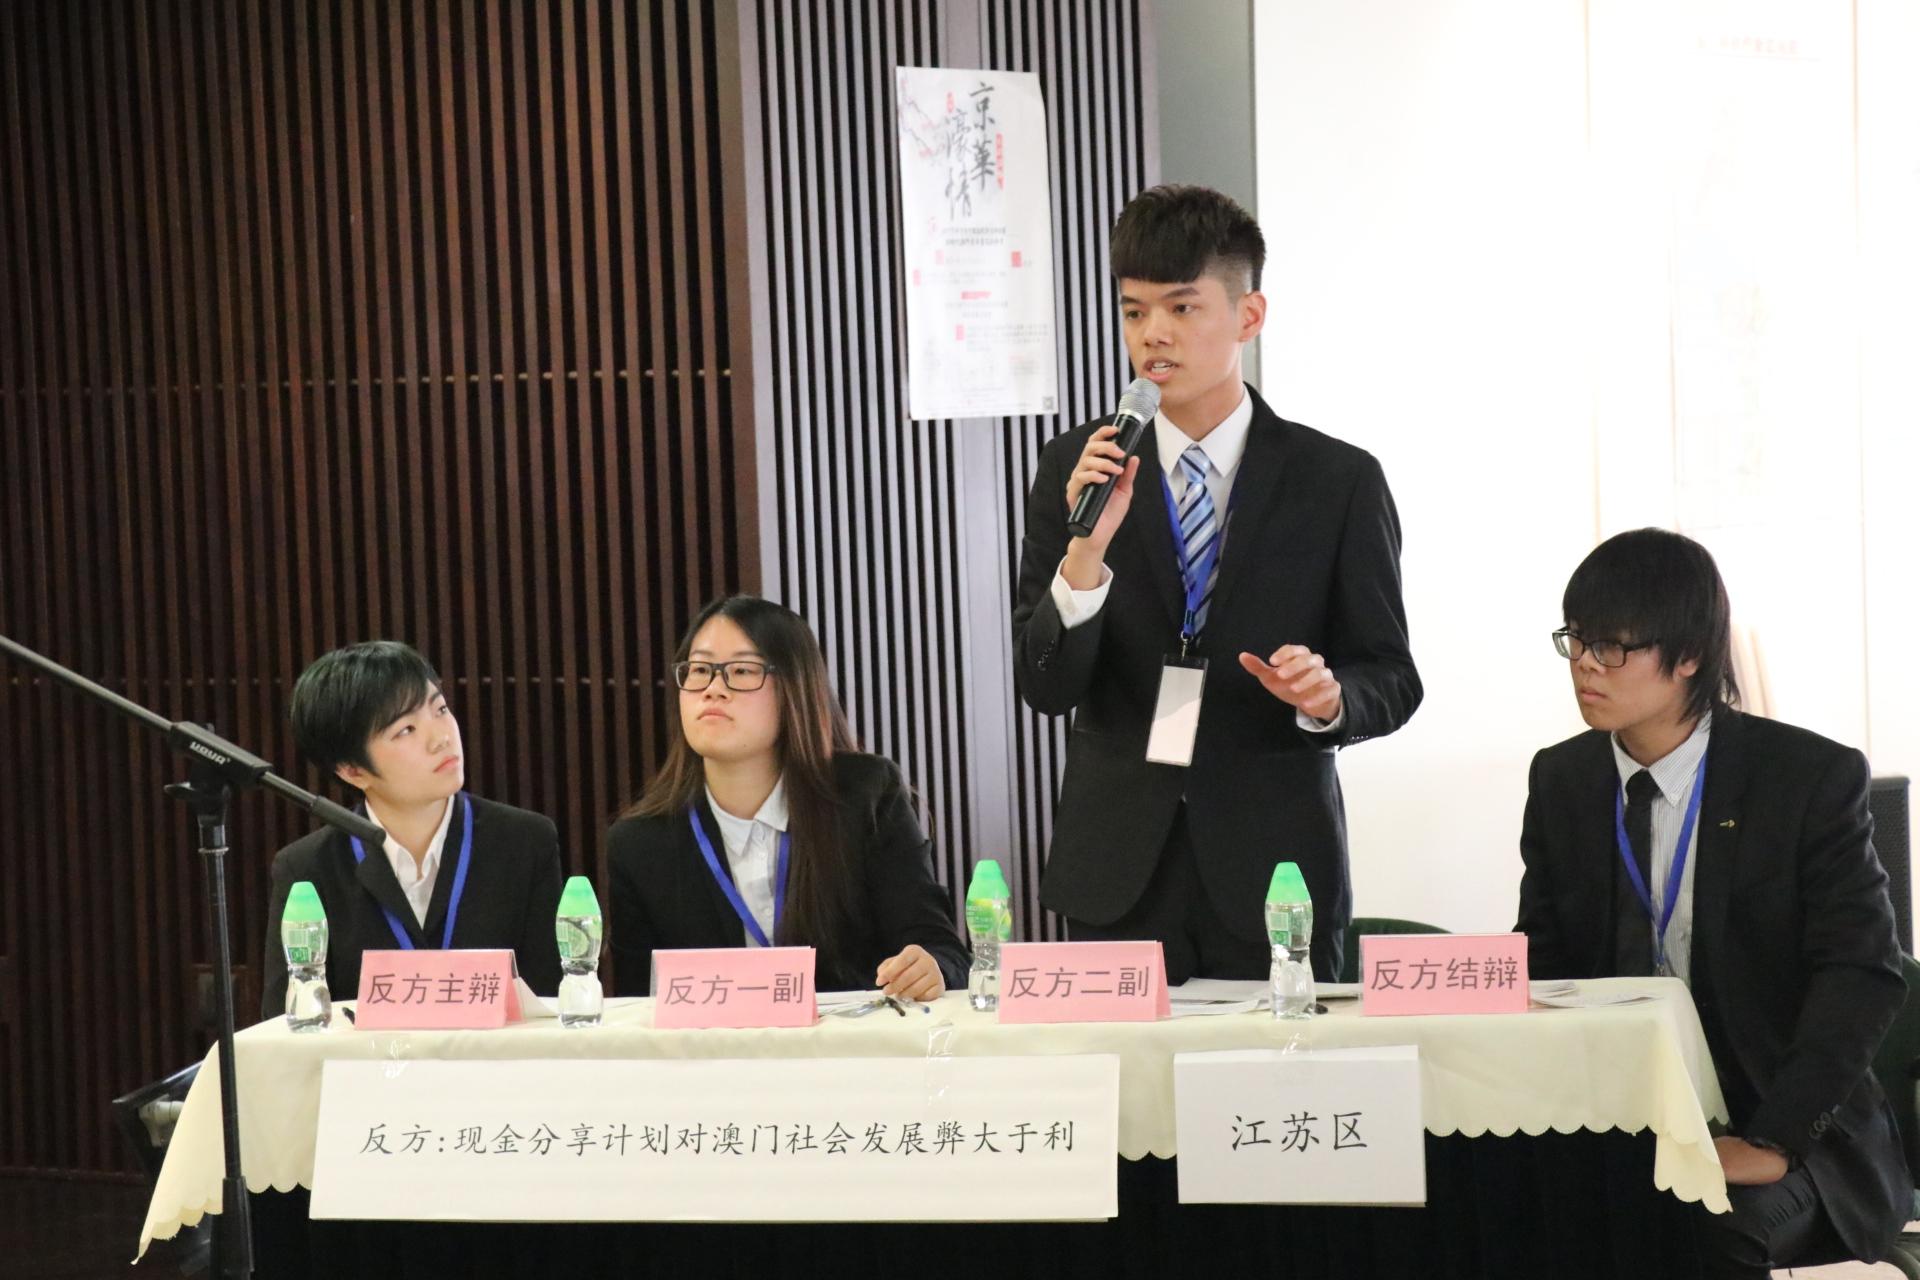 大學辯論賽(相片由受訪者提供)